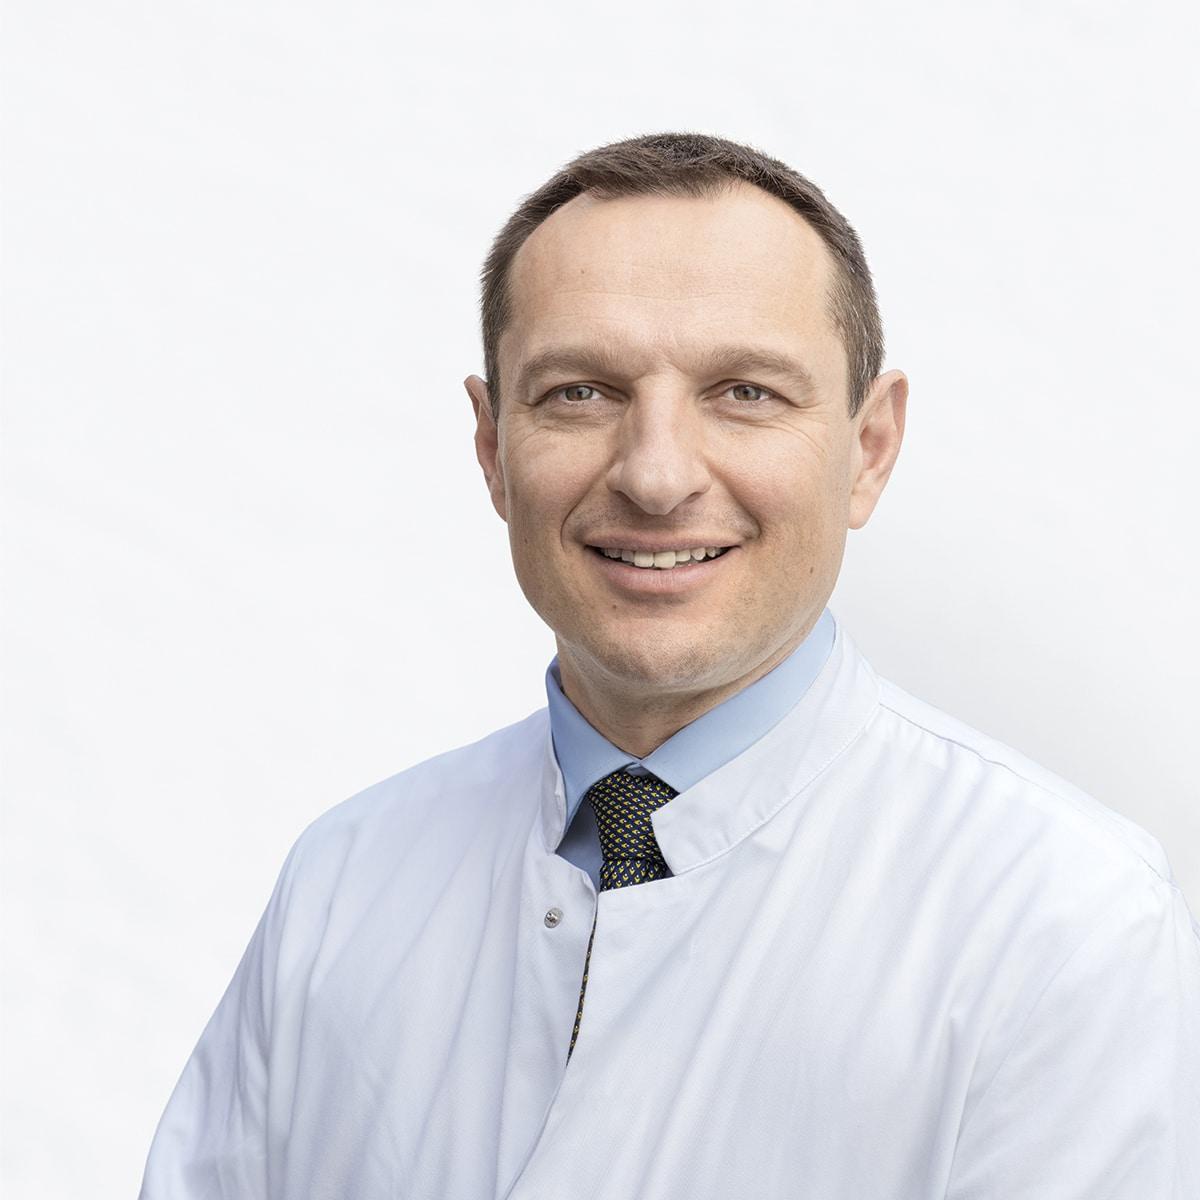 Facharzt Urologie, Andrologie, Genitalchirurgie: Dr. med. Nenad Djakovic